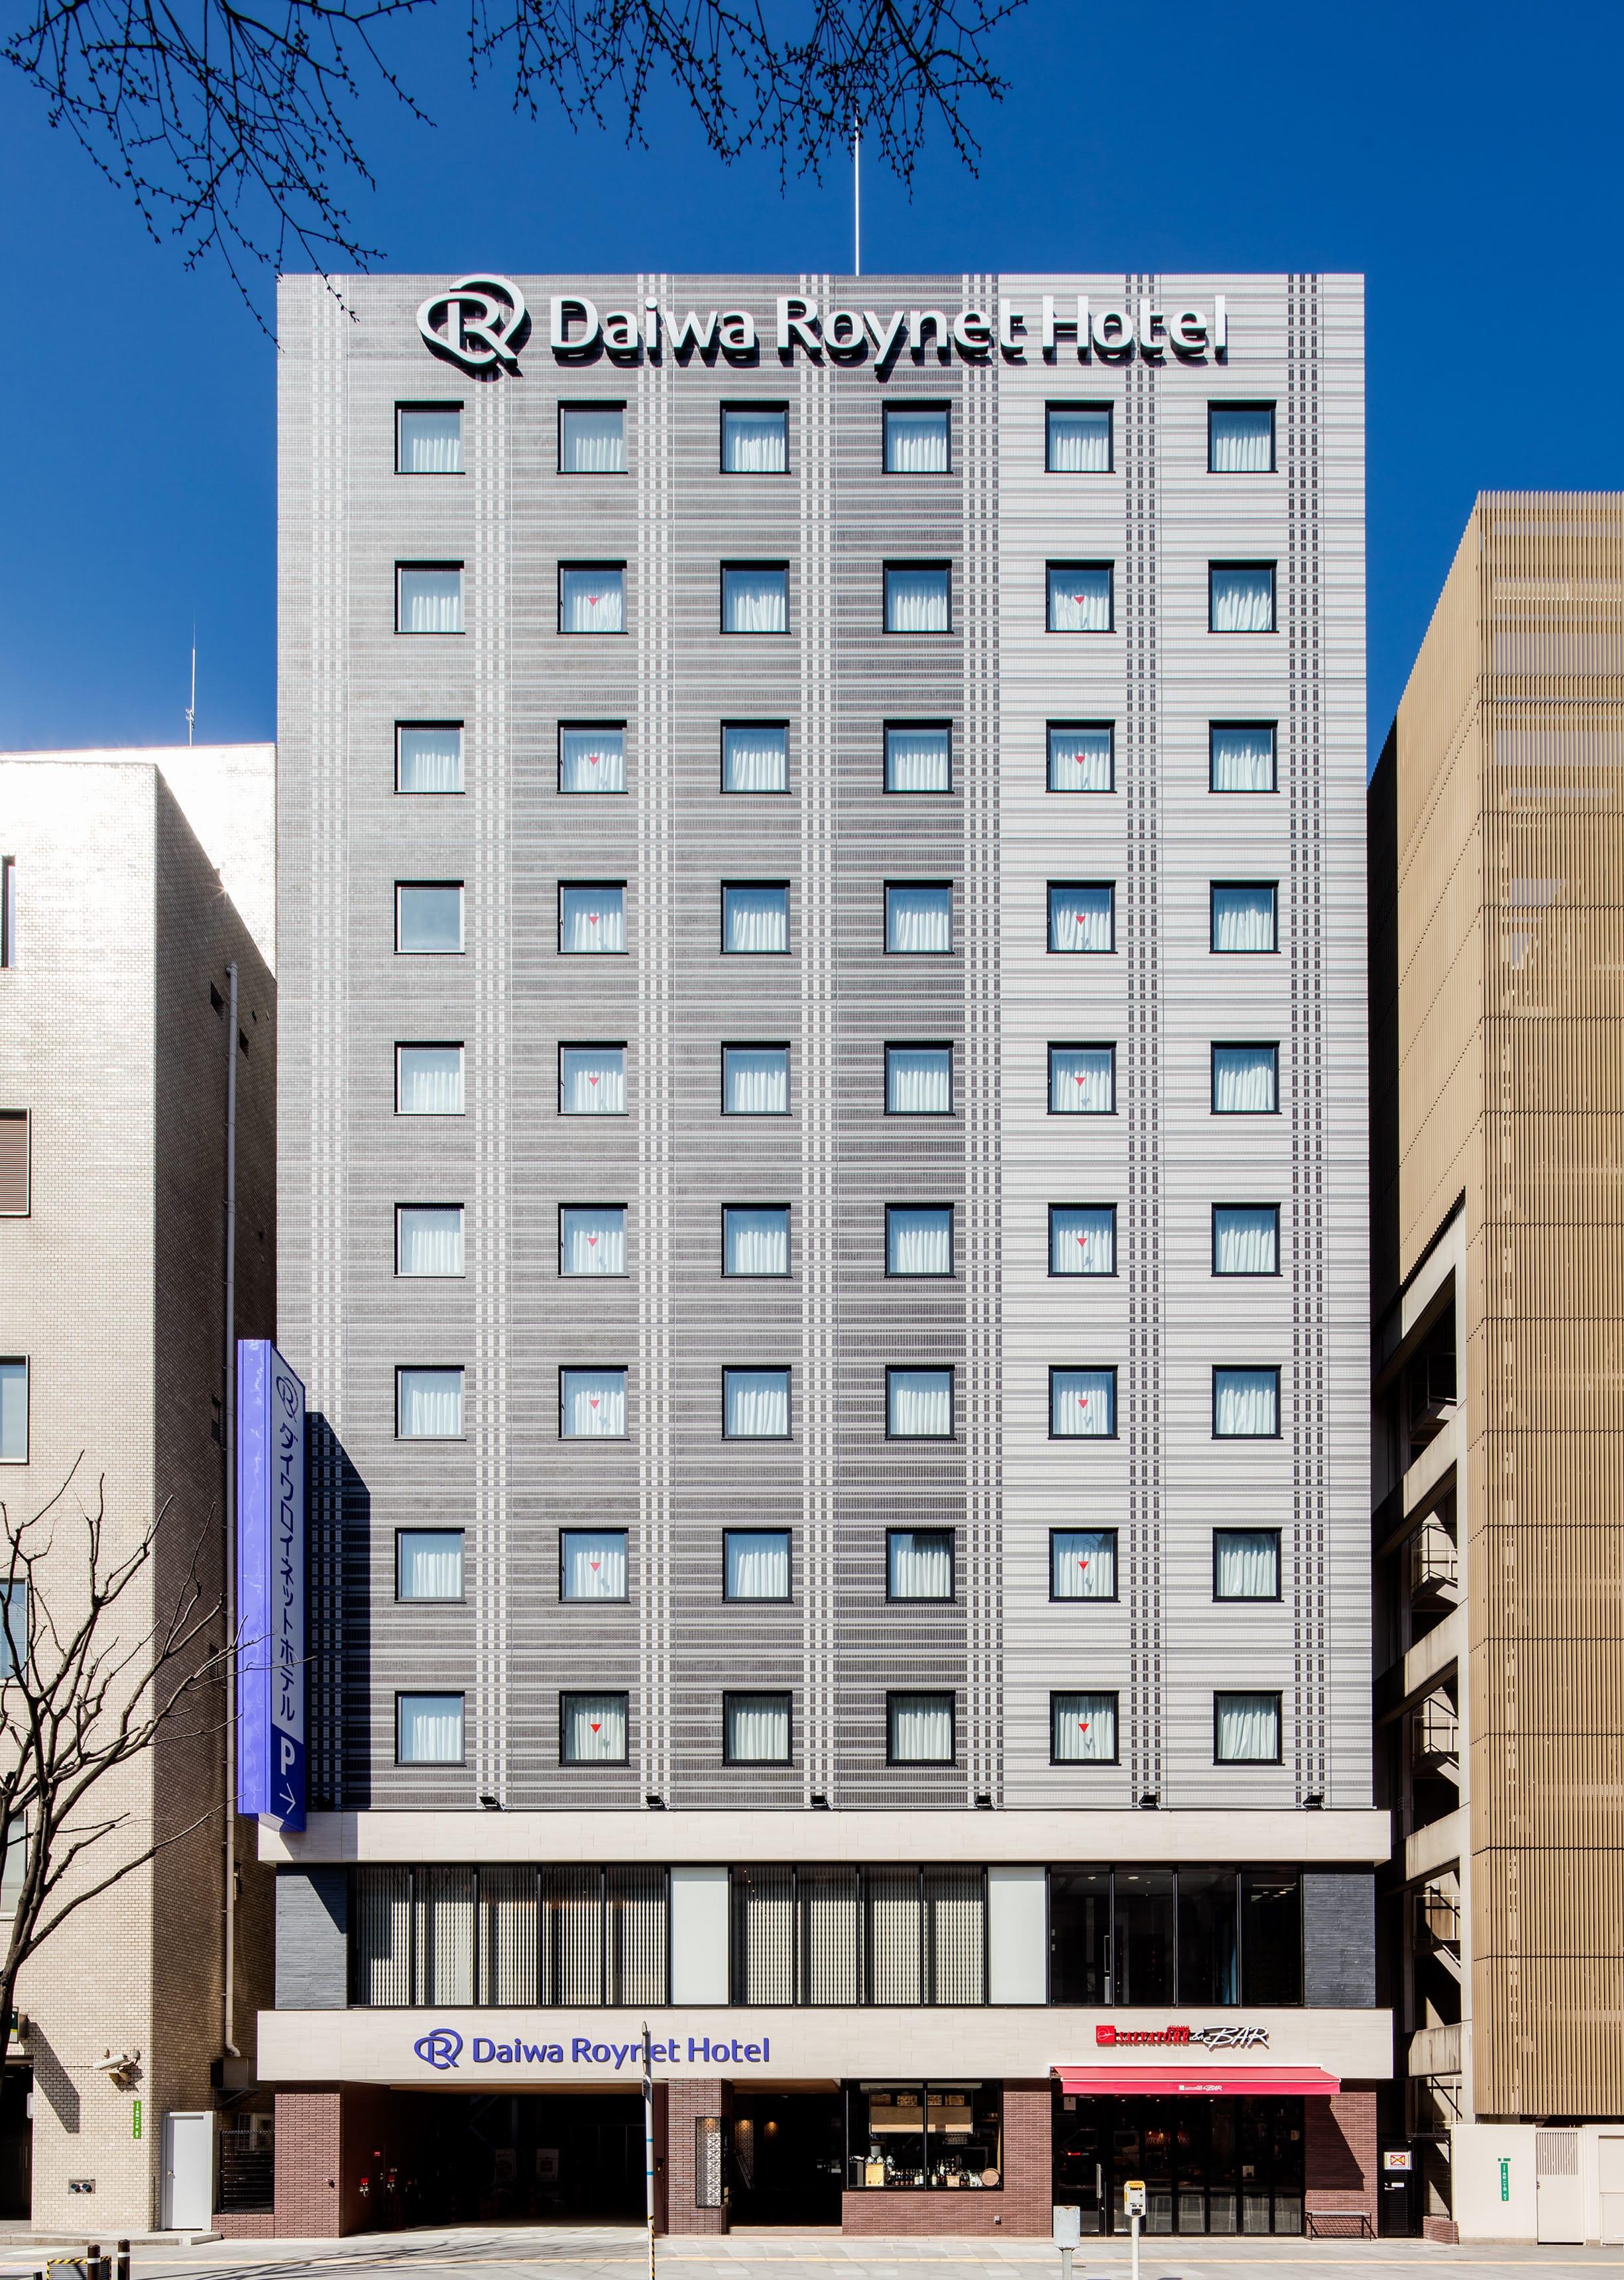 ダイワロイネットホテル小倉駅前の外観